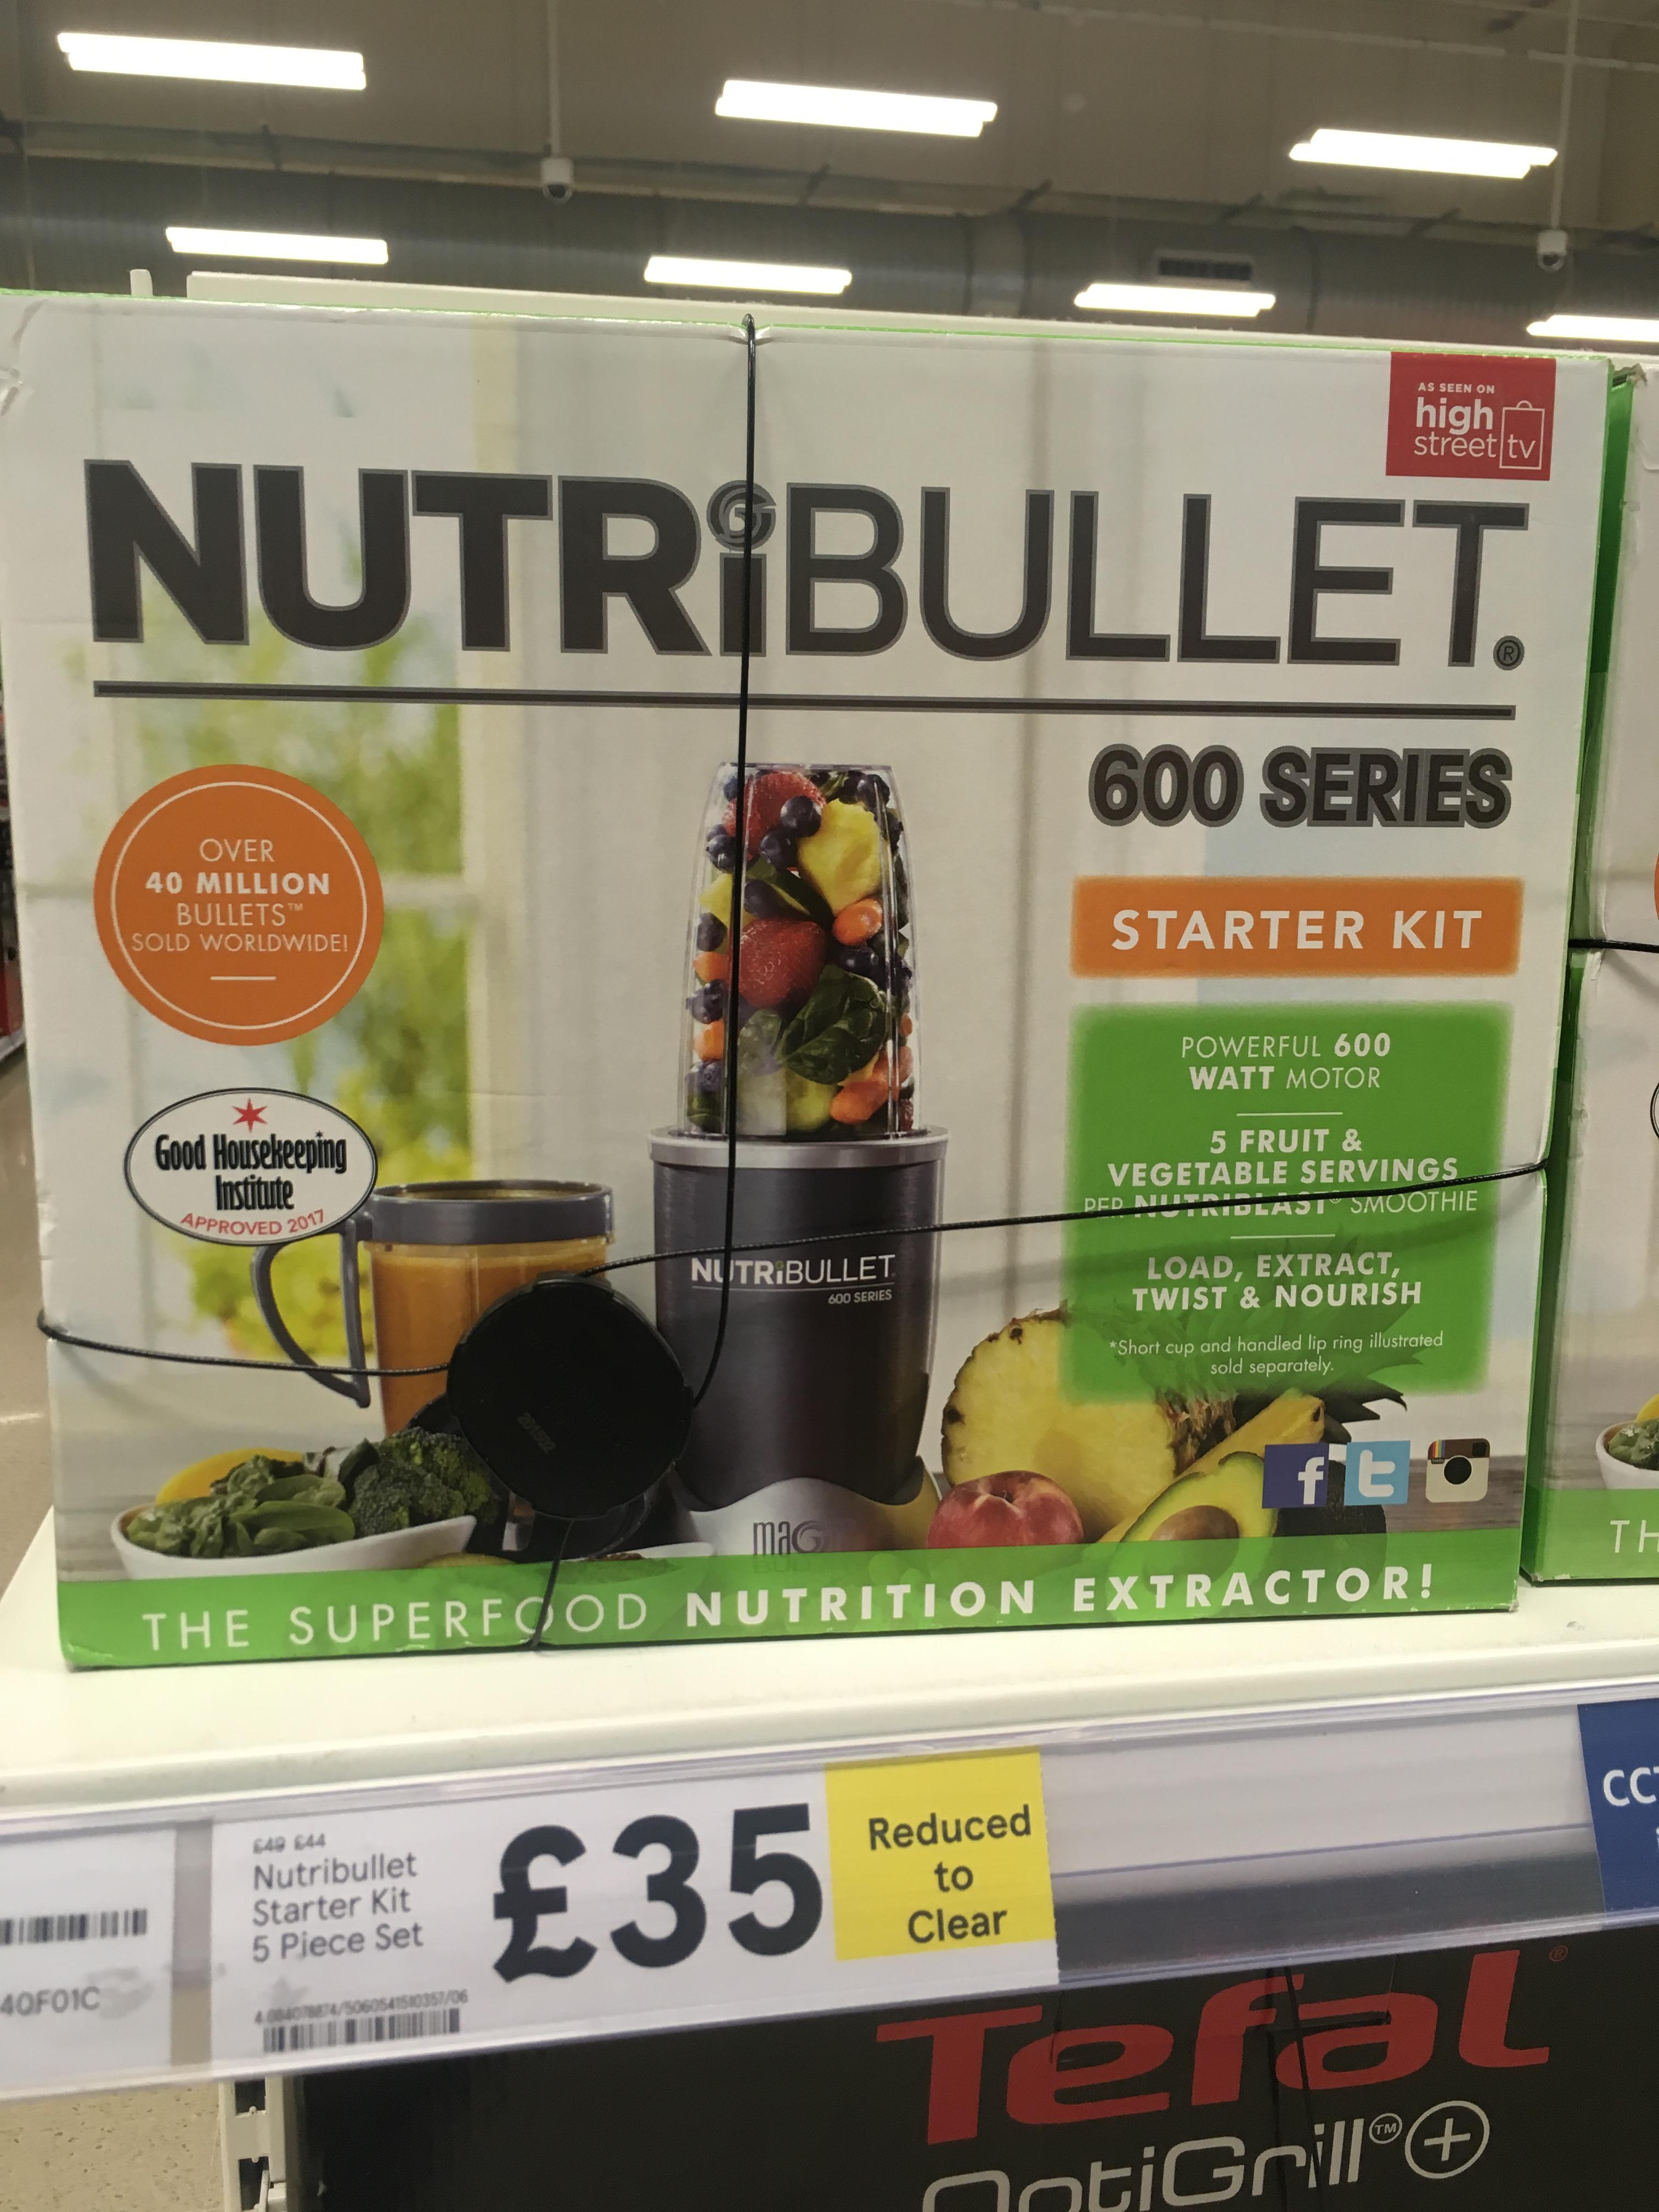 NutriBullet 600 Series Starter kit (5 piece set) £35 instore at  Tesco Gateshead